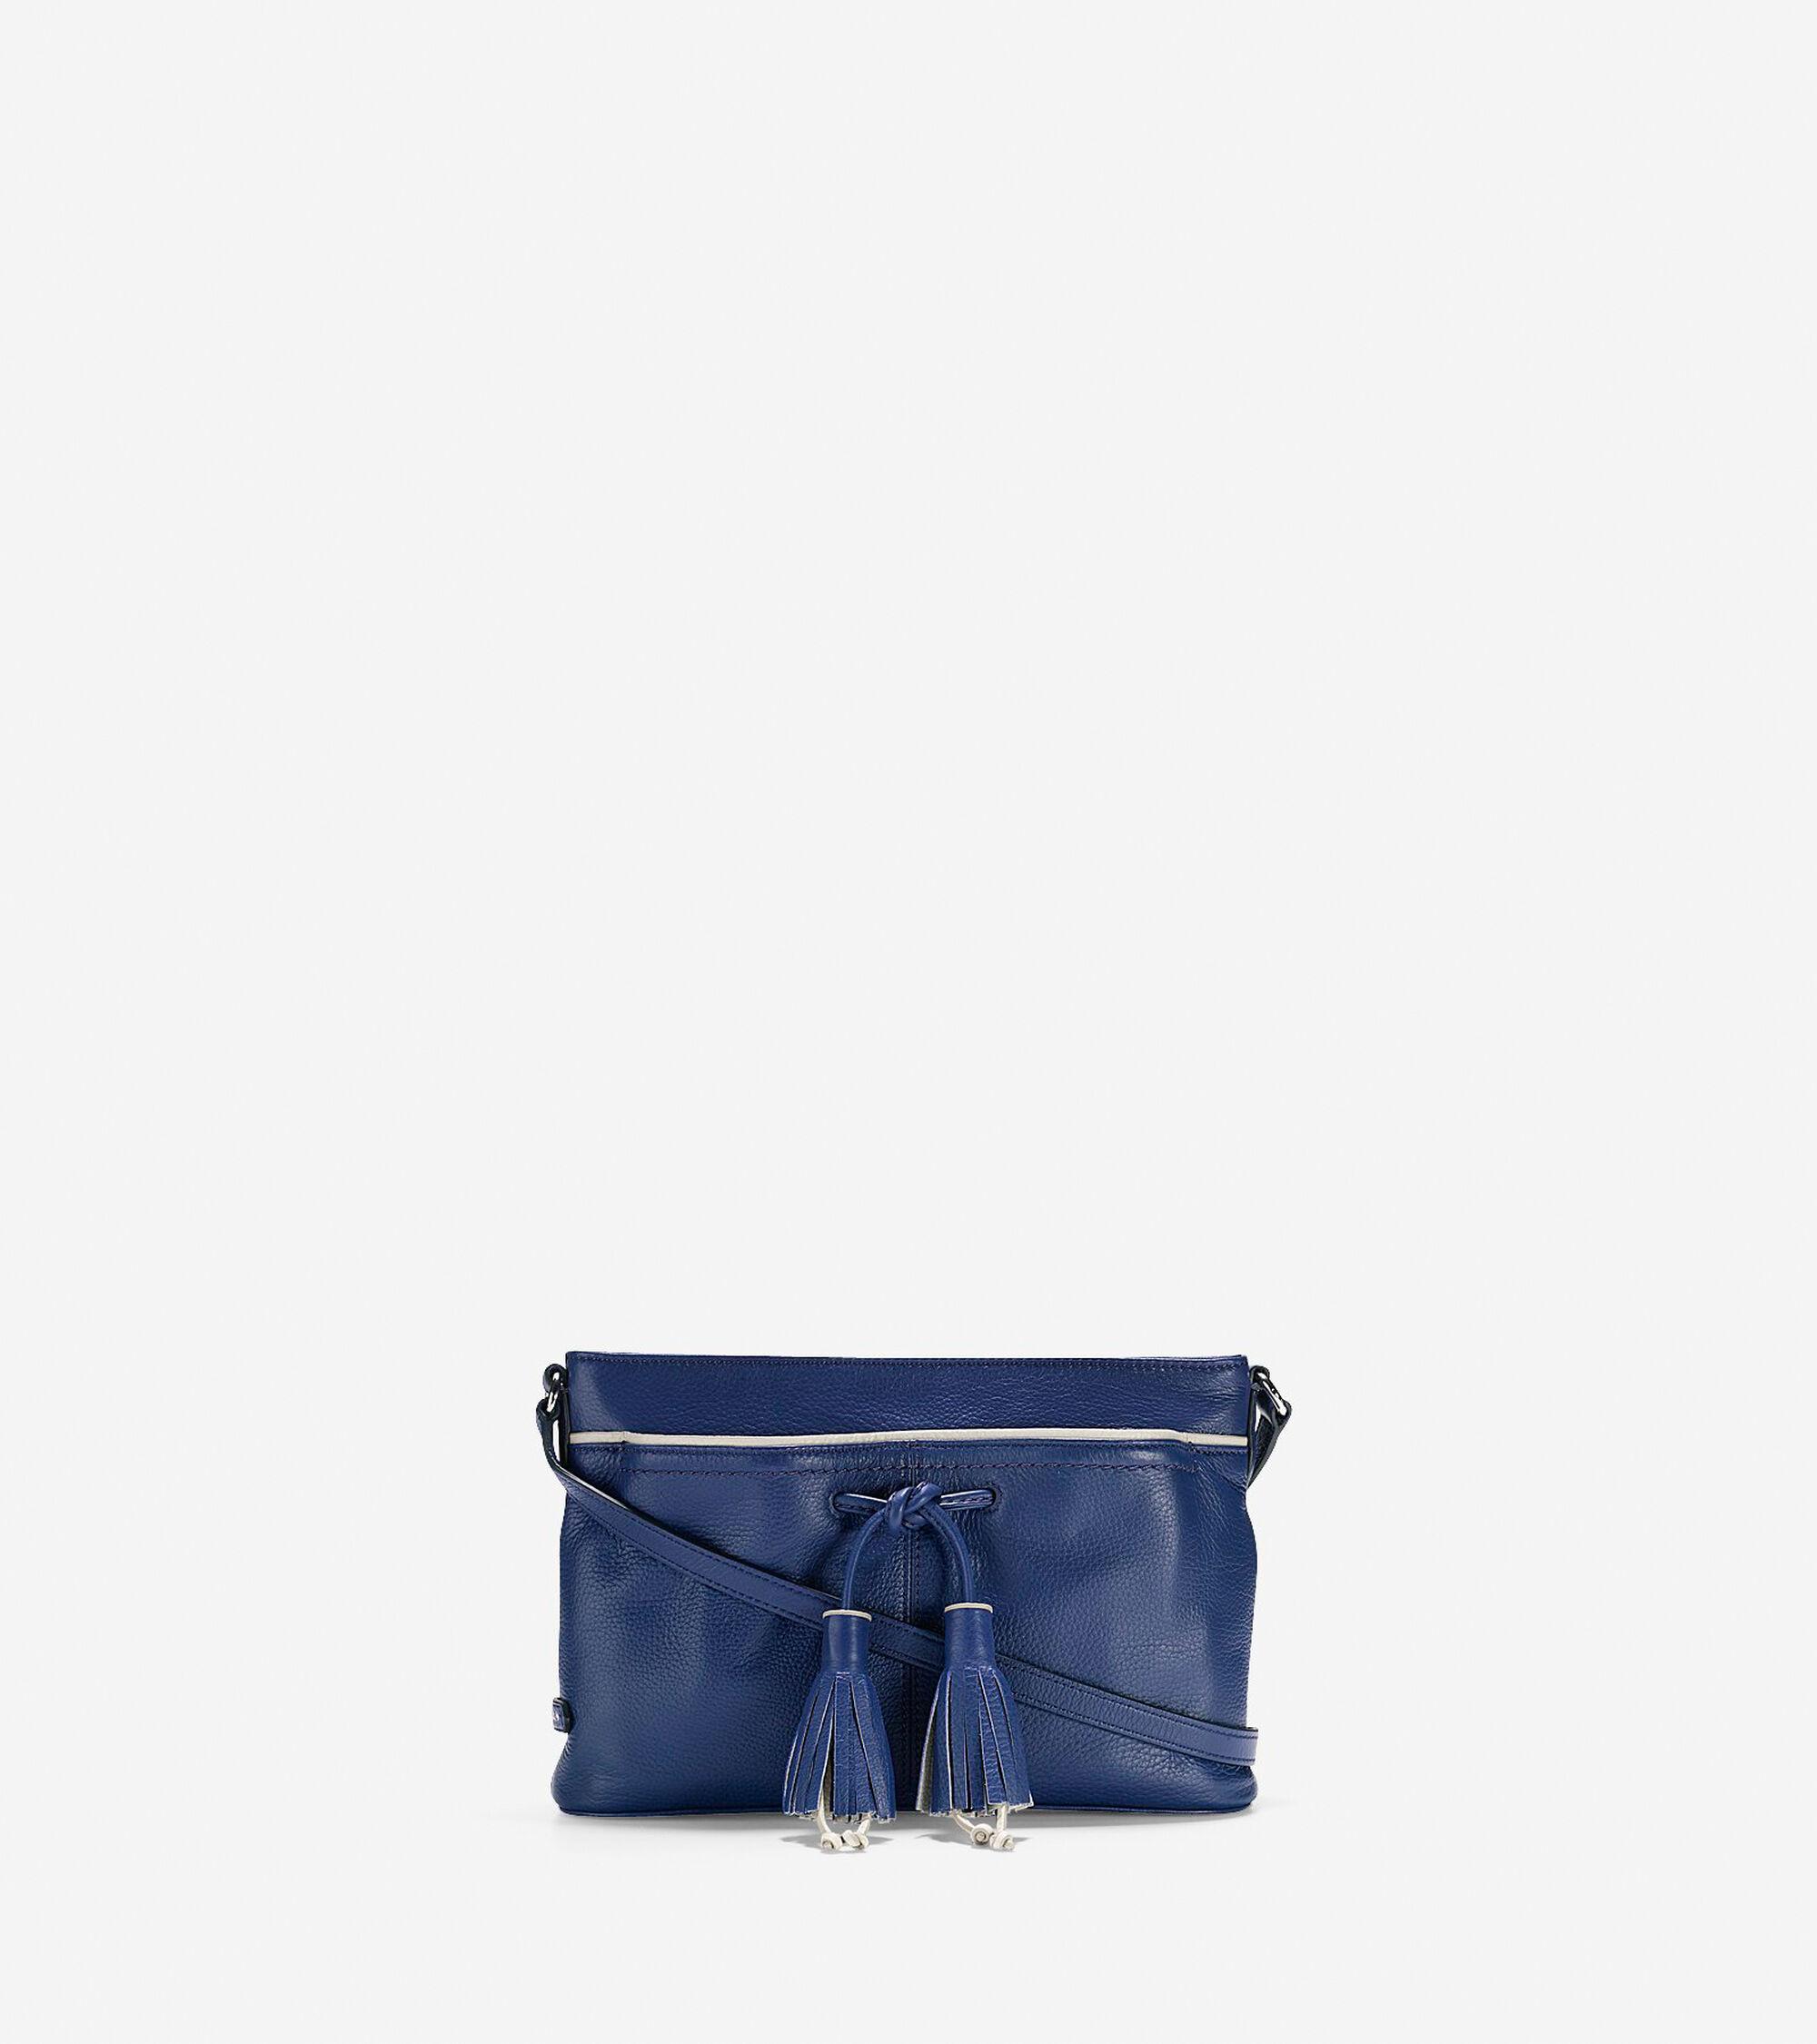 Handbags > Reiley Tassel Crossbody